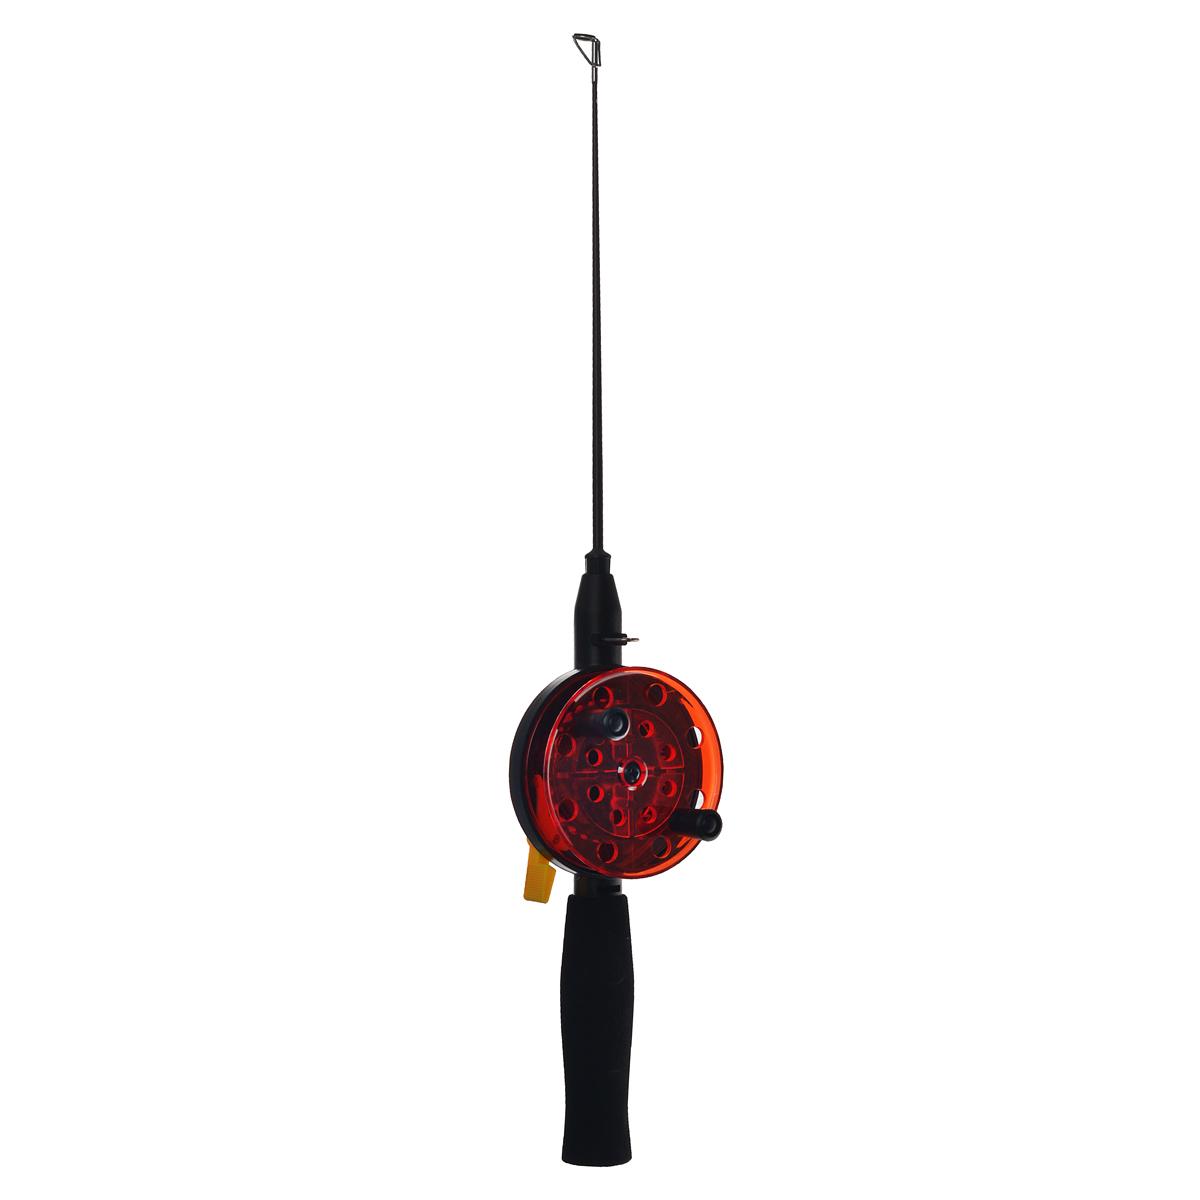 Удочка зимняя SWD HR202, цвет: черный, красный, d 76 мм, ручка неопрен 10 см, хл-кар 20 см28385Зимняя удочка SWD HR202 с открытой катушкой диаметром 76 мм и клавишным стопором. Оснащена пластиковым хлыстом длиной 20 см с тюльпаном на конце. Ручка длиной 100 мм выполнена из неопрена.